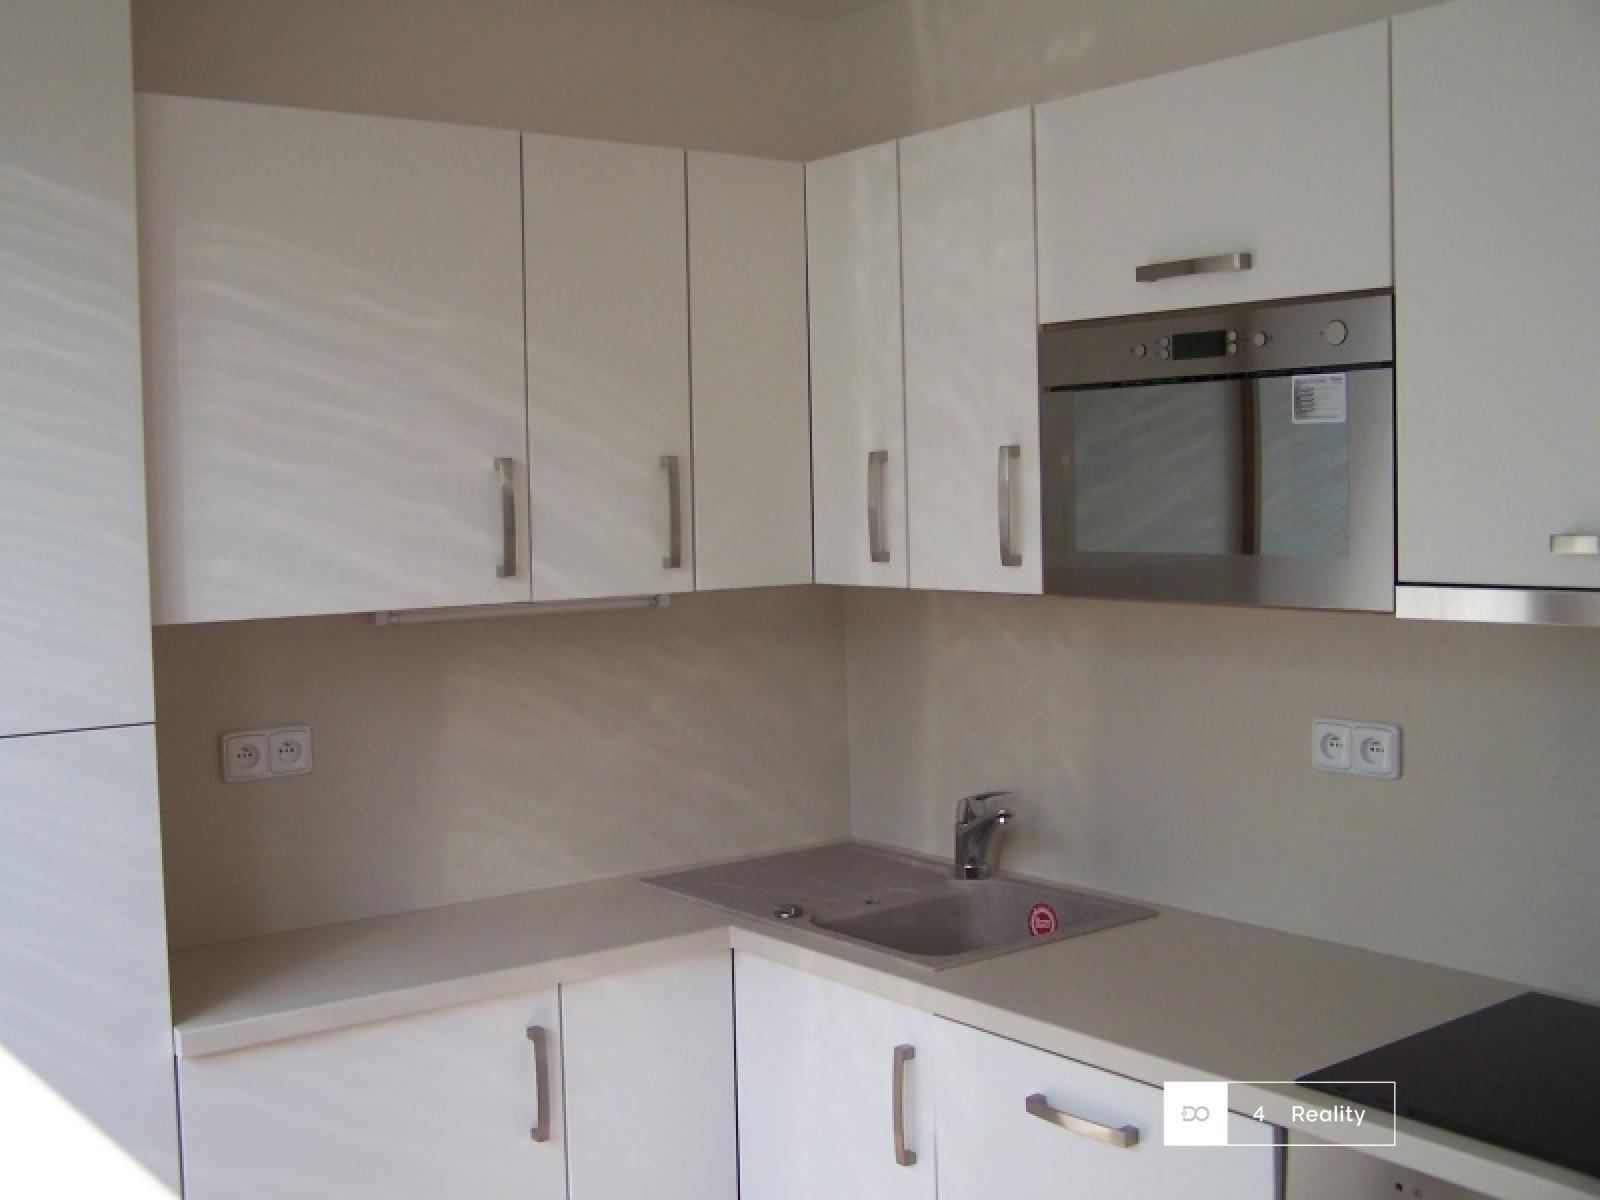 Pronájem  bytu 2+kk,  66 m2  s lodžií částečně zařízený